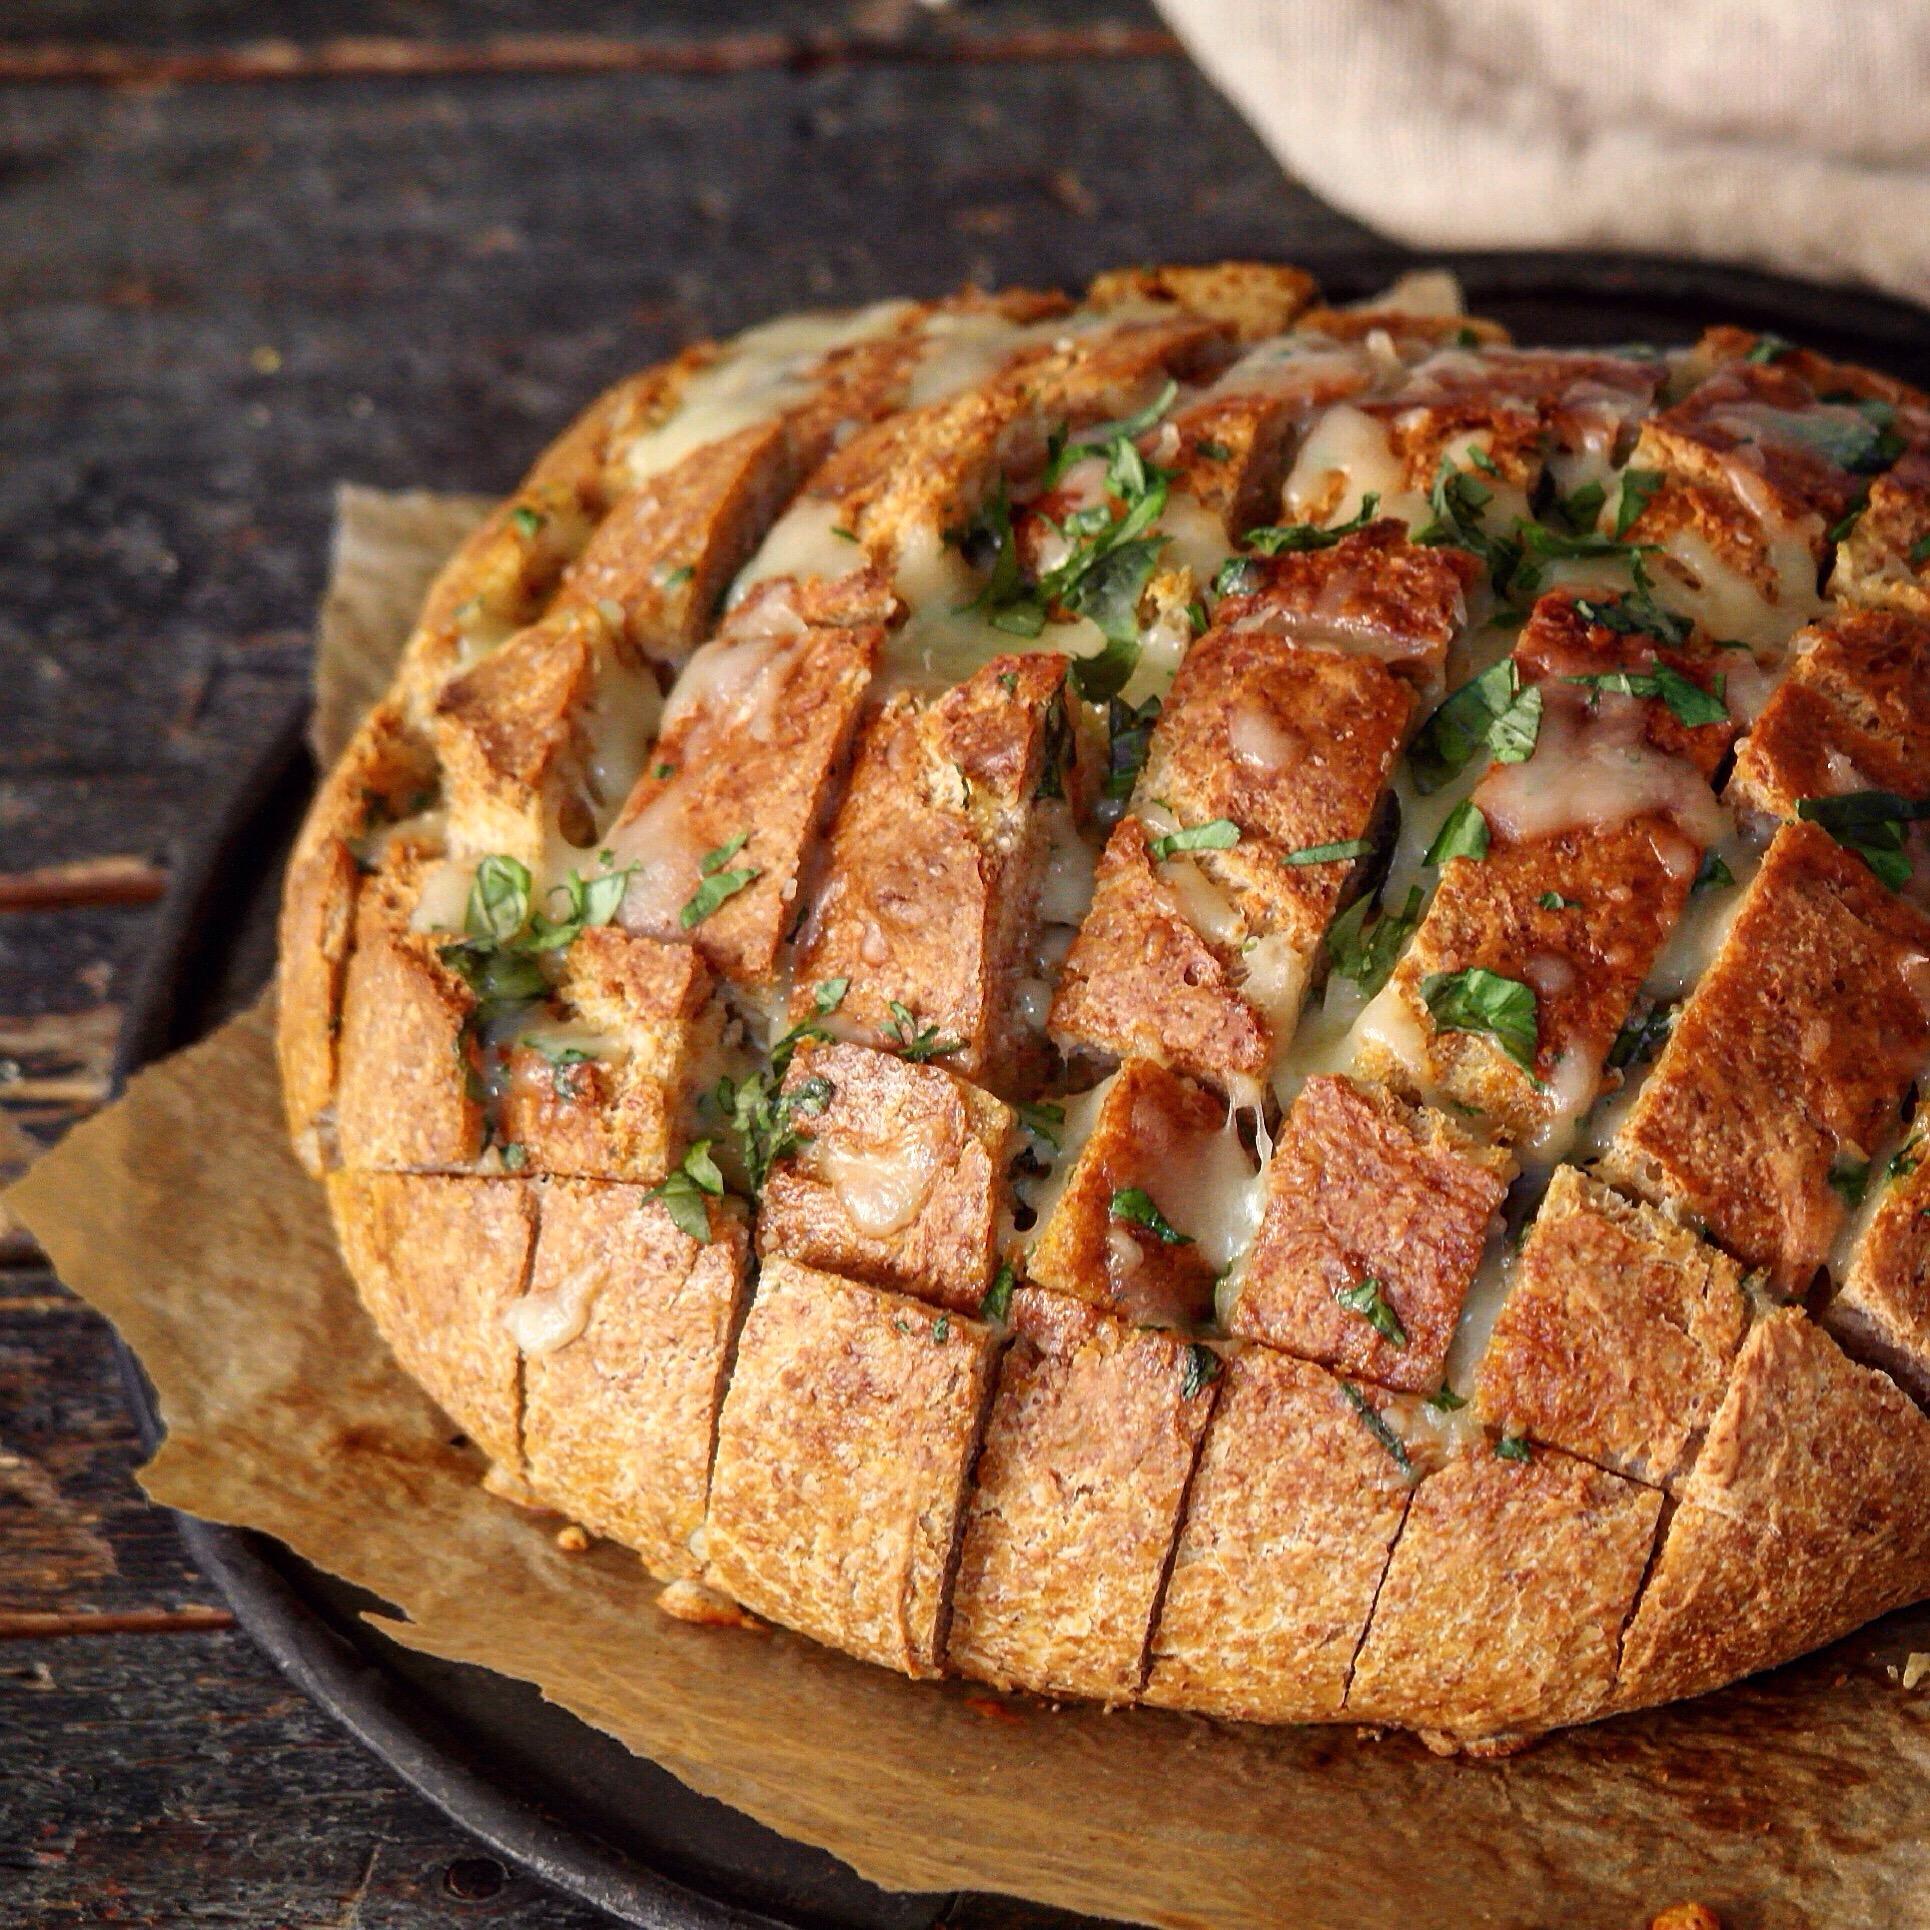 fylt brød med basilikumsmør og mozzarella